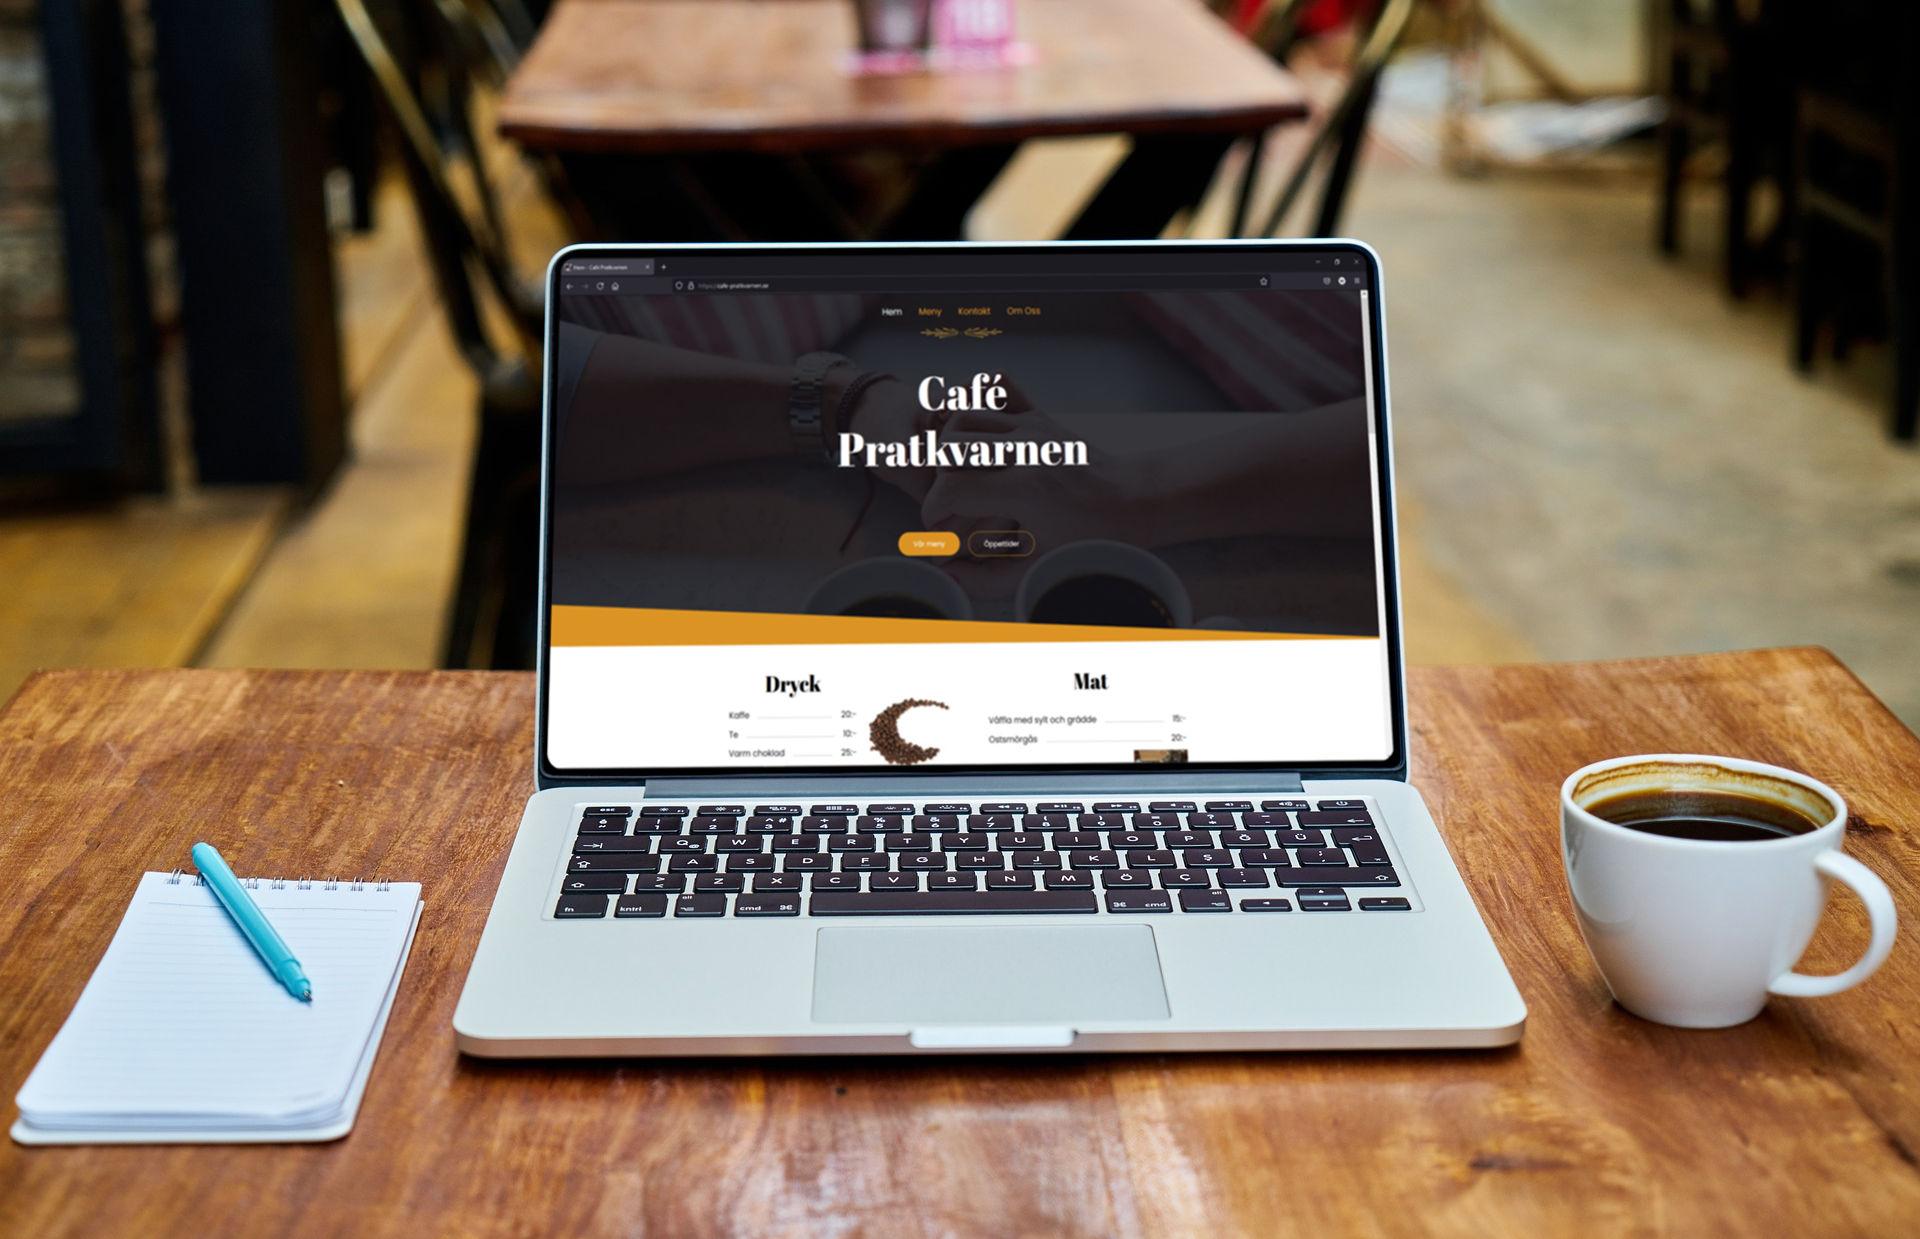 cafe pratkvarnen